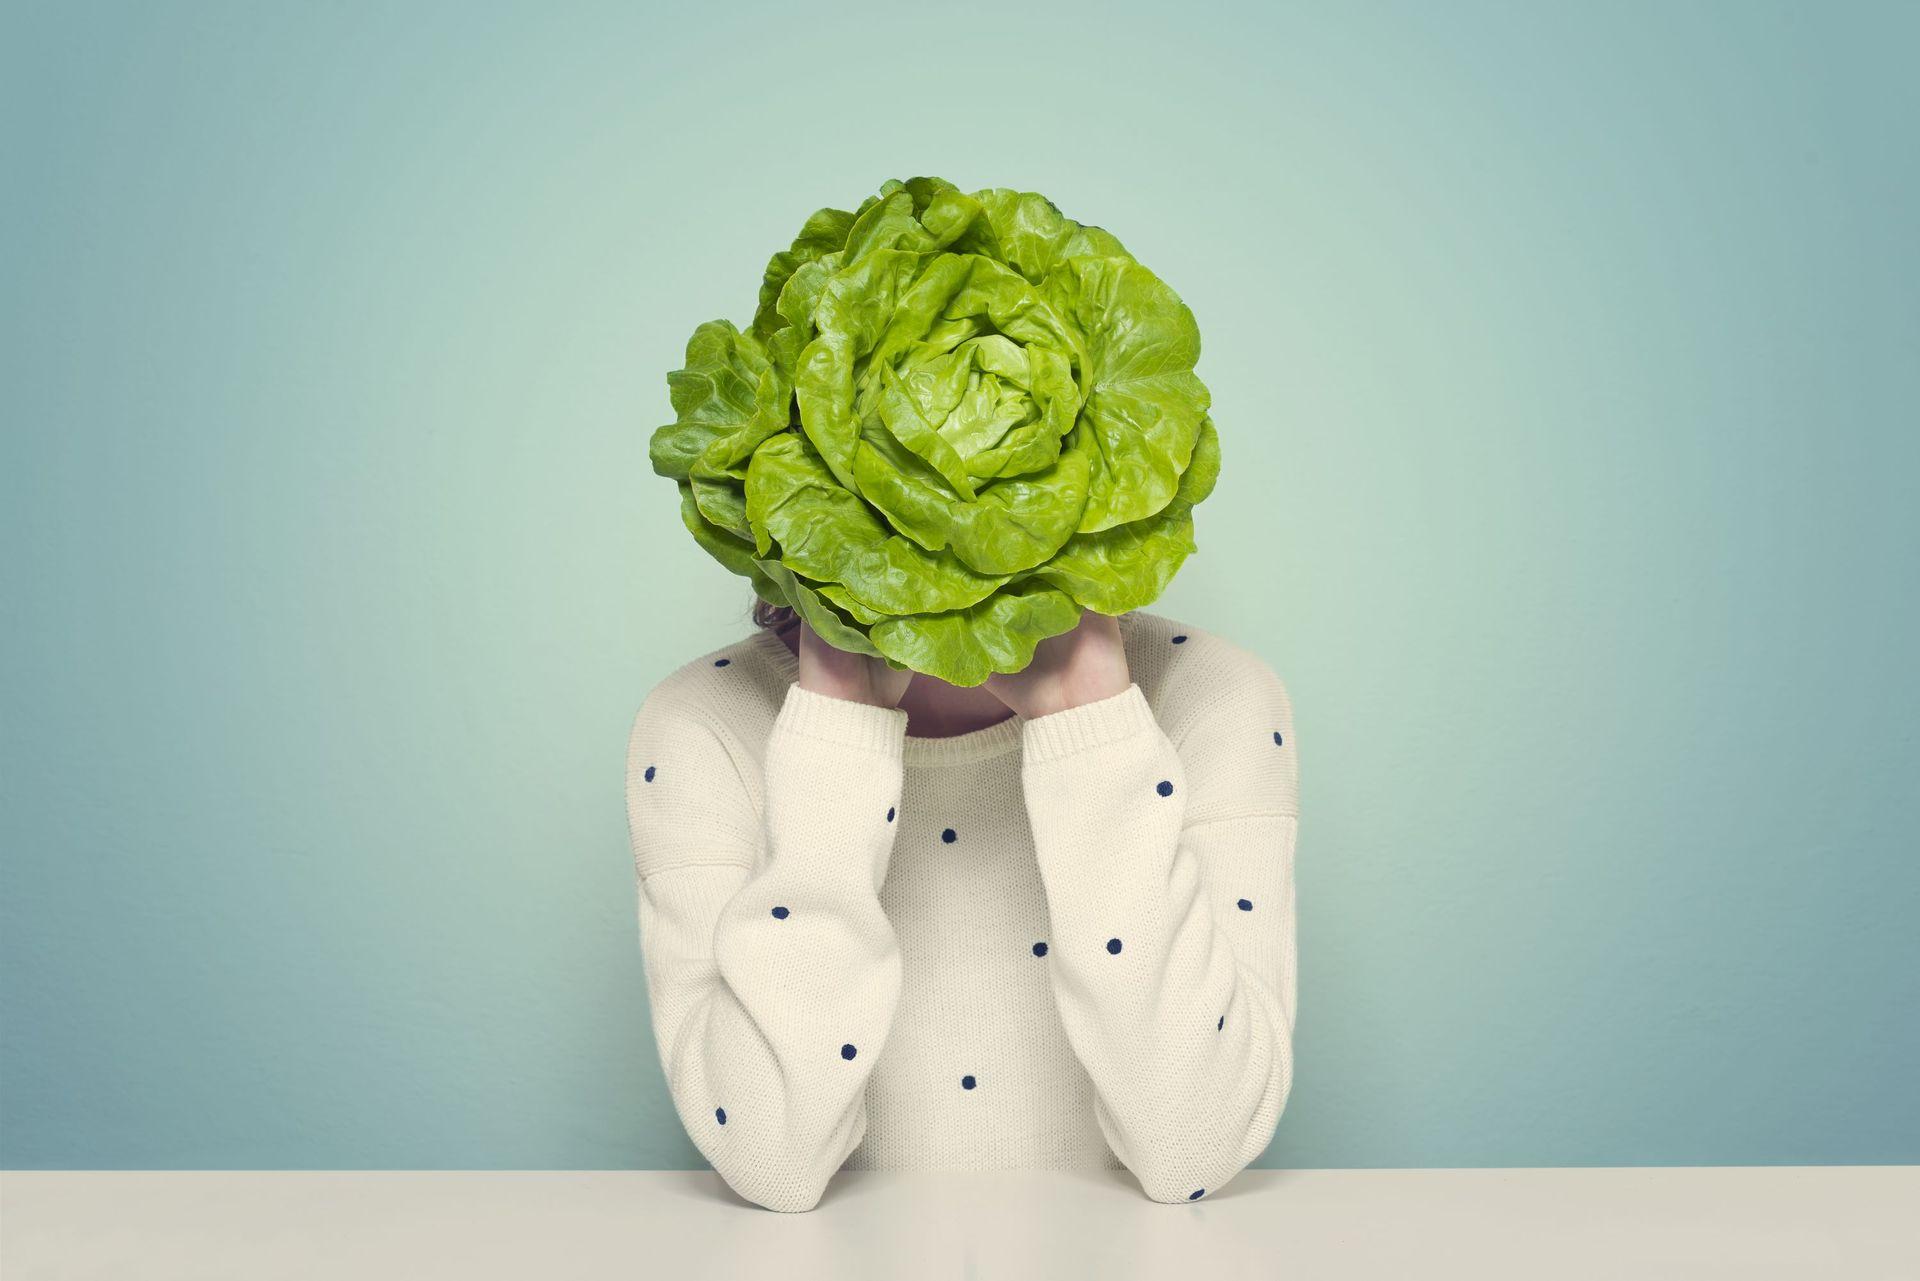 Legumes A Mettre Dans Le Jardin la multiplication végétative : faire pousser des légumes